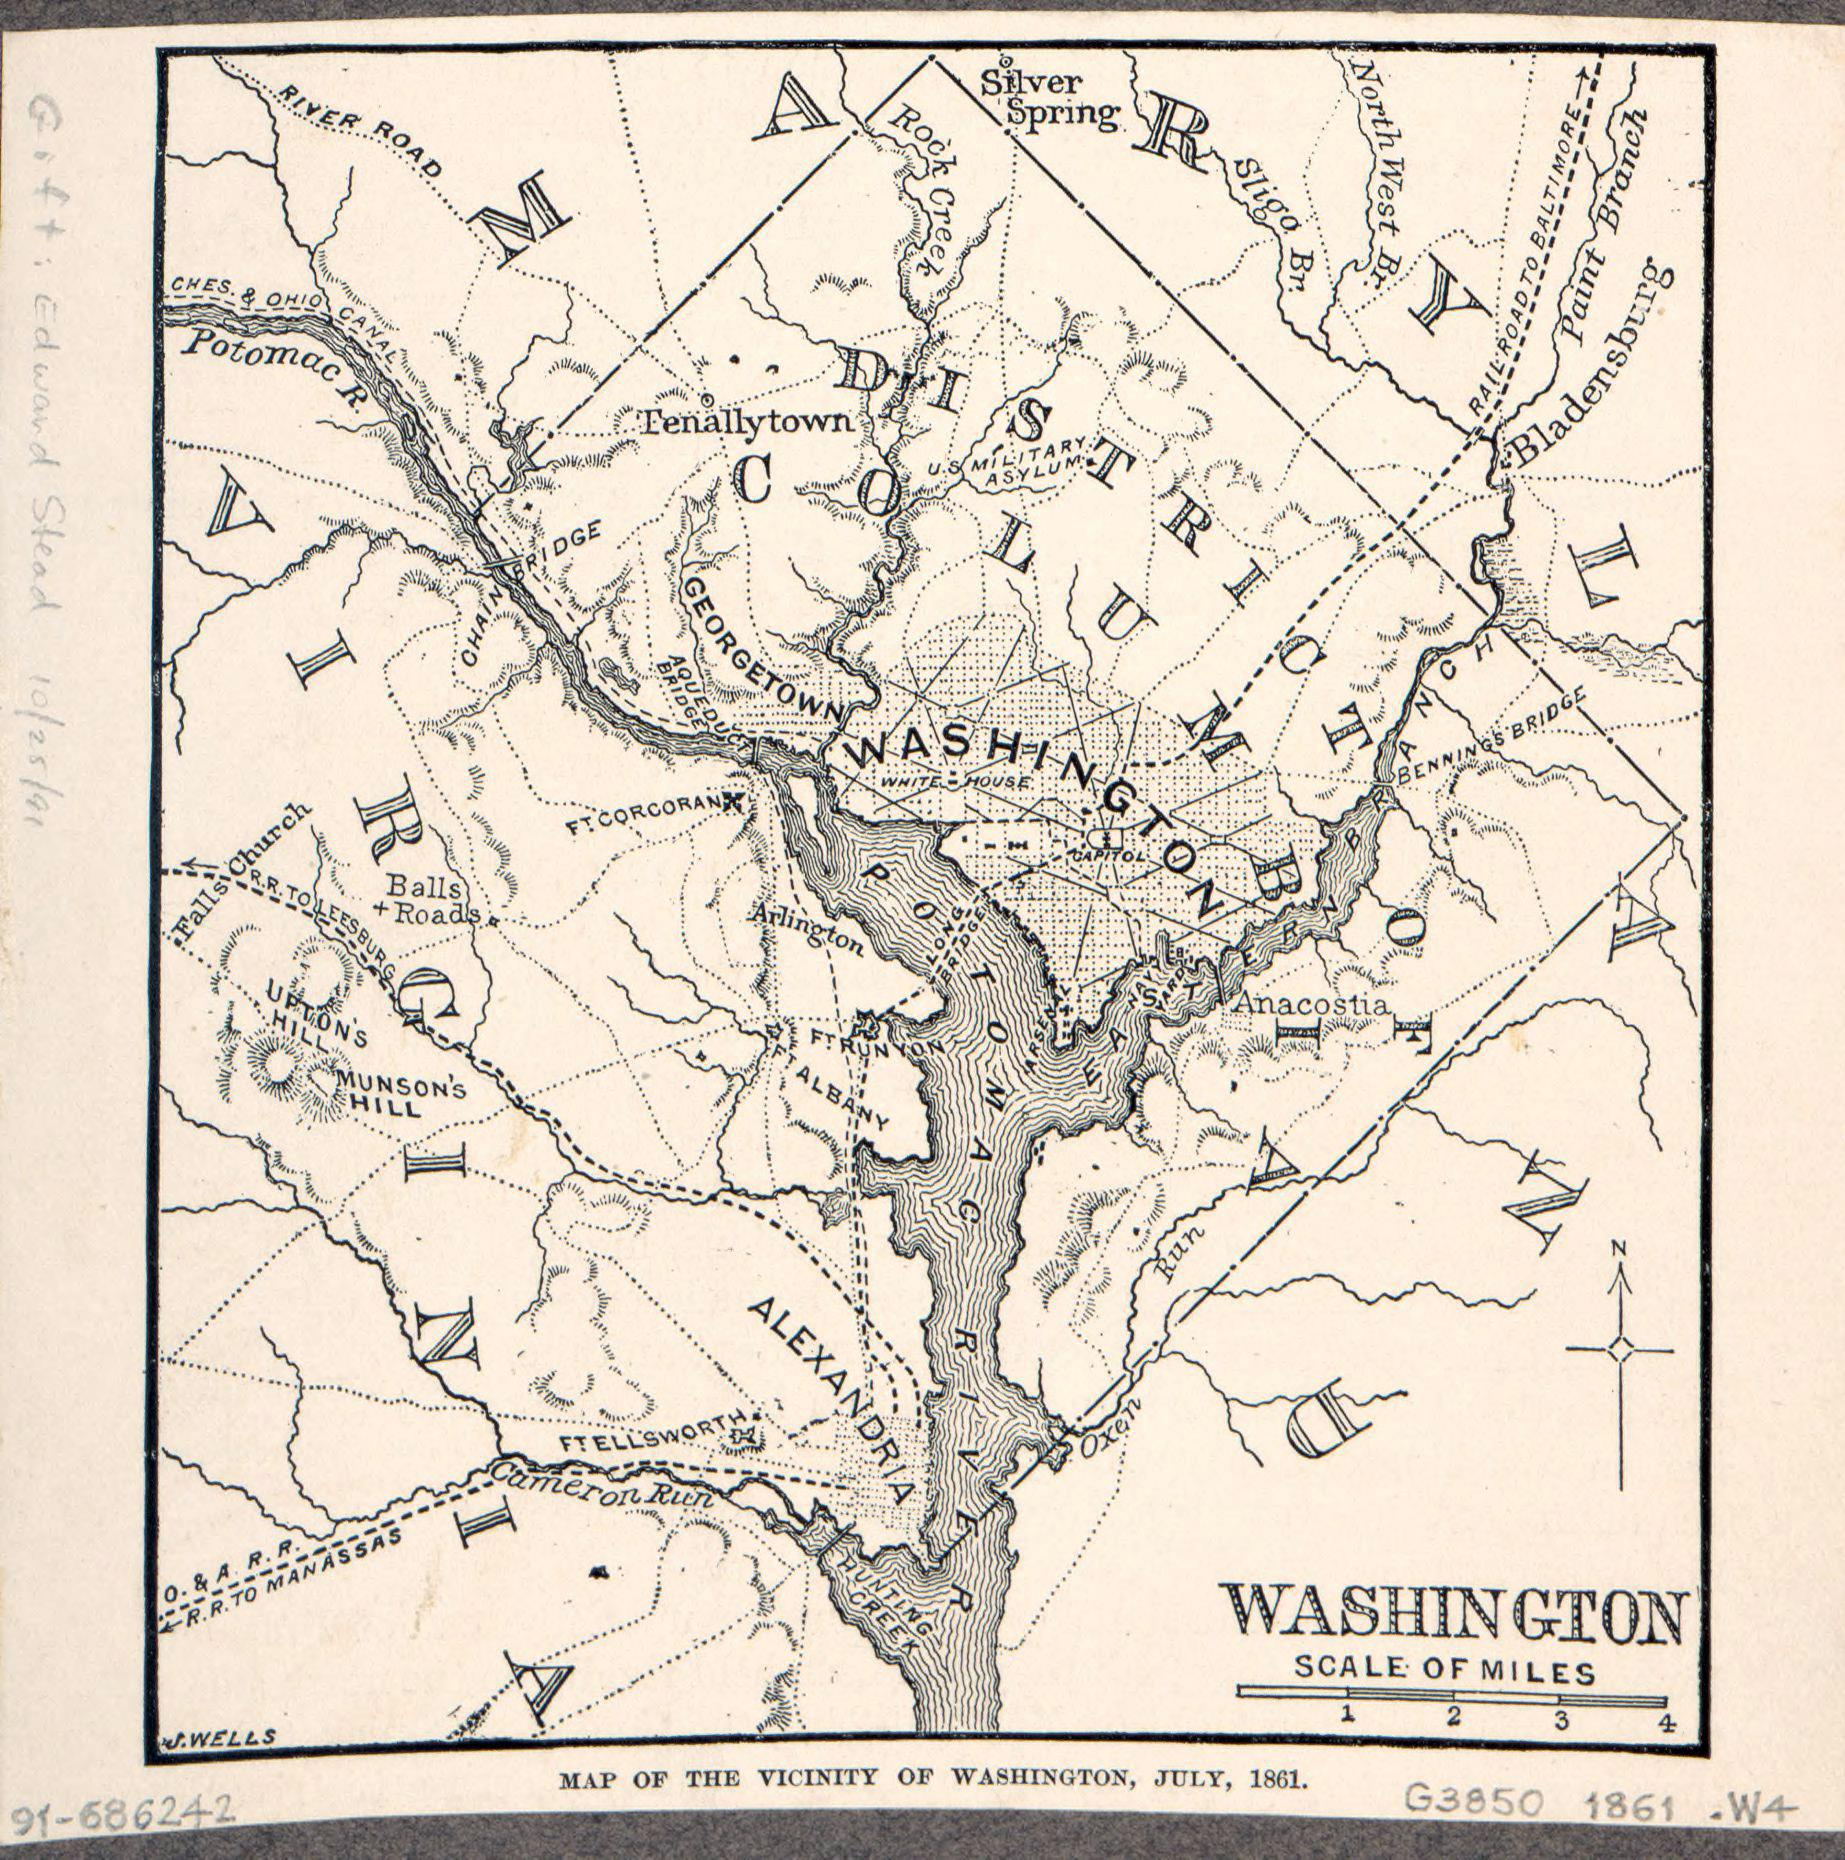 Large old map of the vicinity of Washington - 1861   Washington D.C. on